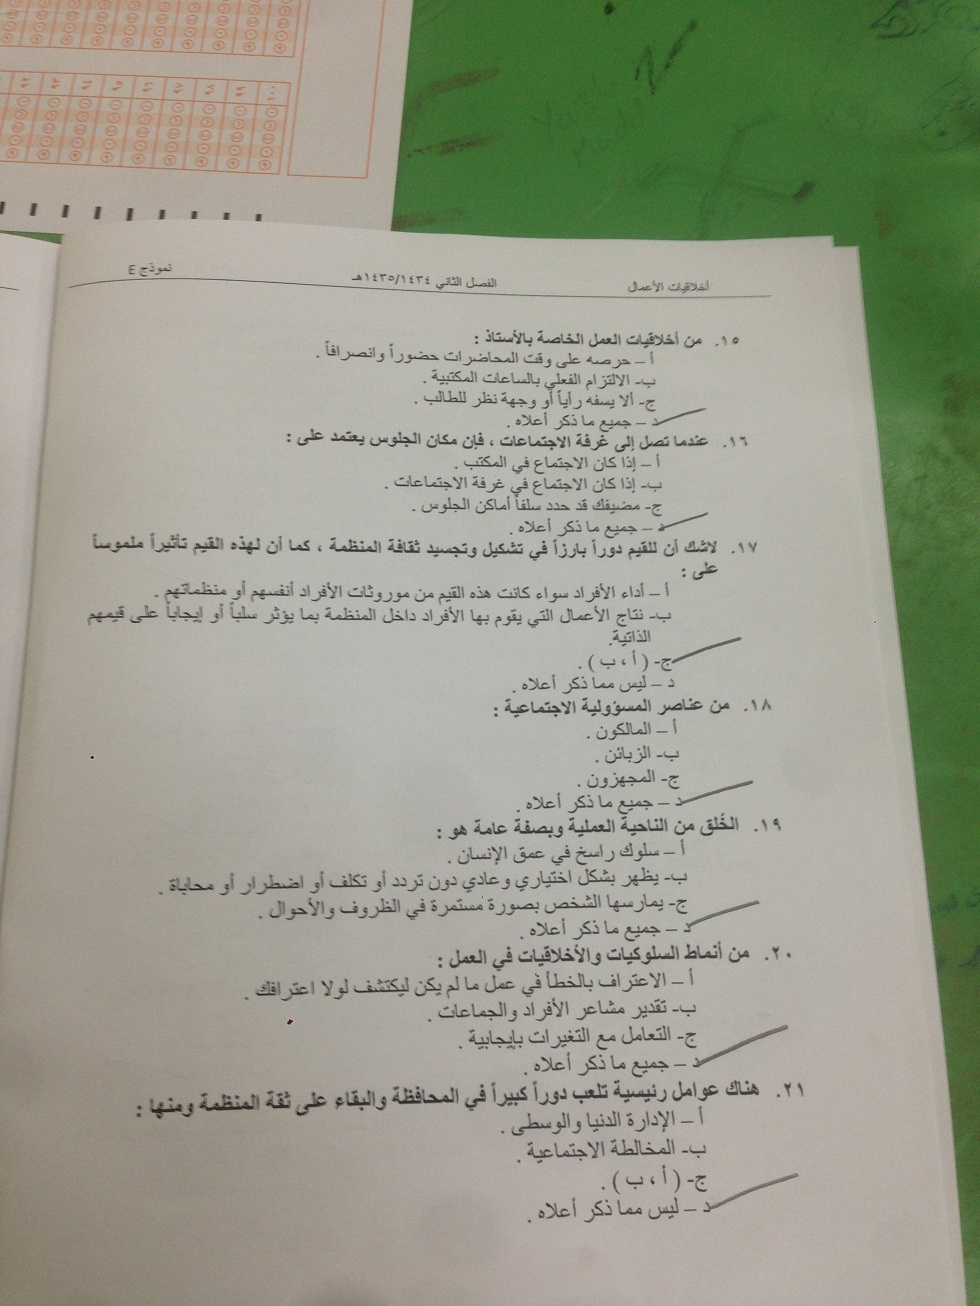 اسئلة اختبار مادة أخلاقيات الأعمال جامعة الملك فيصل انتساب 4352.jpg